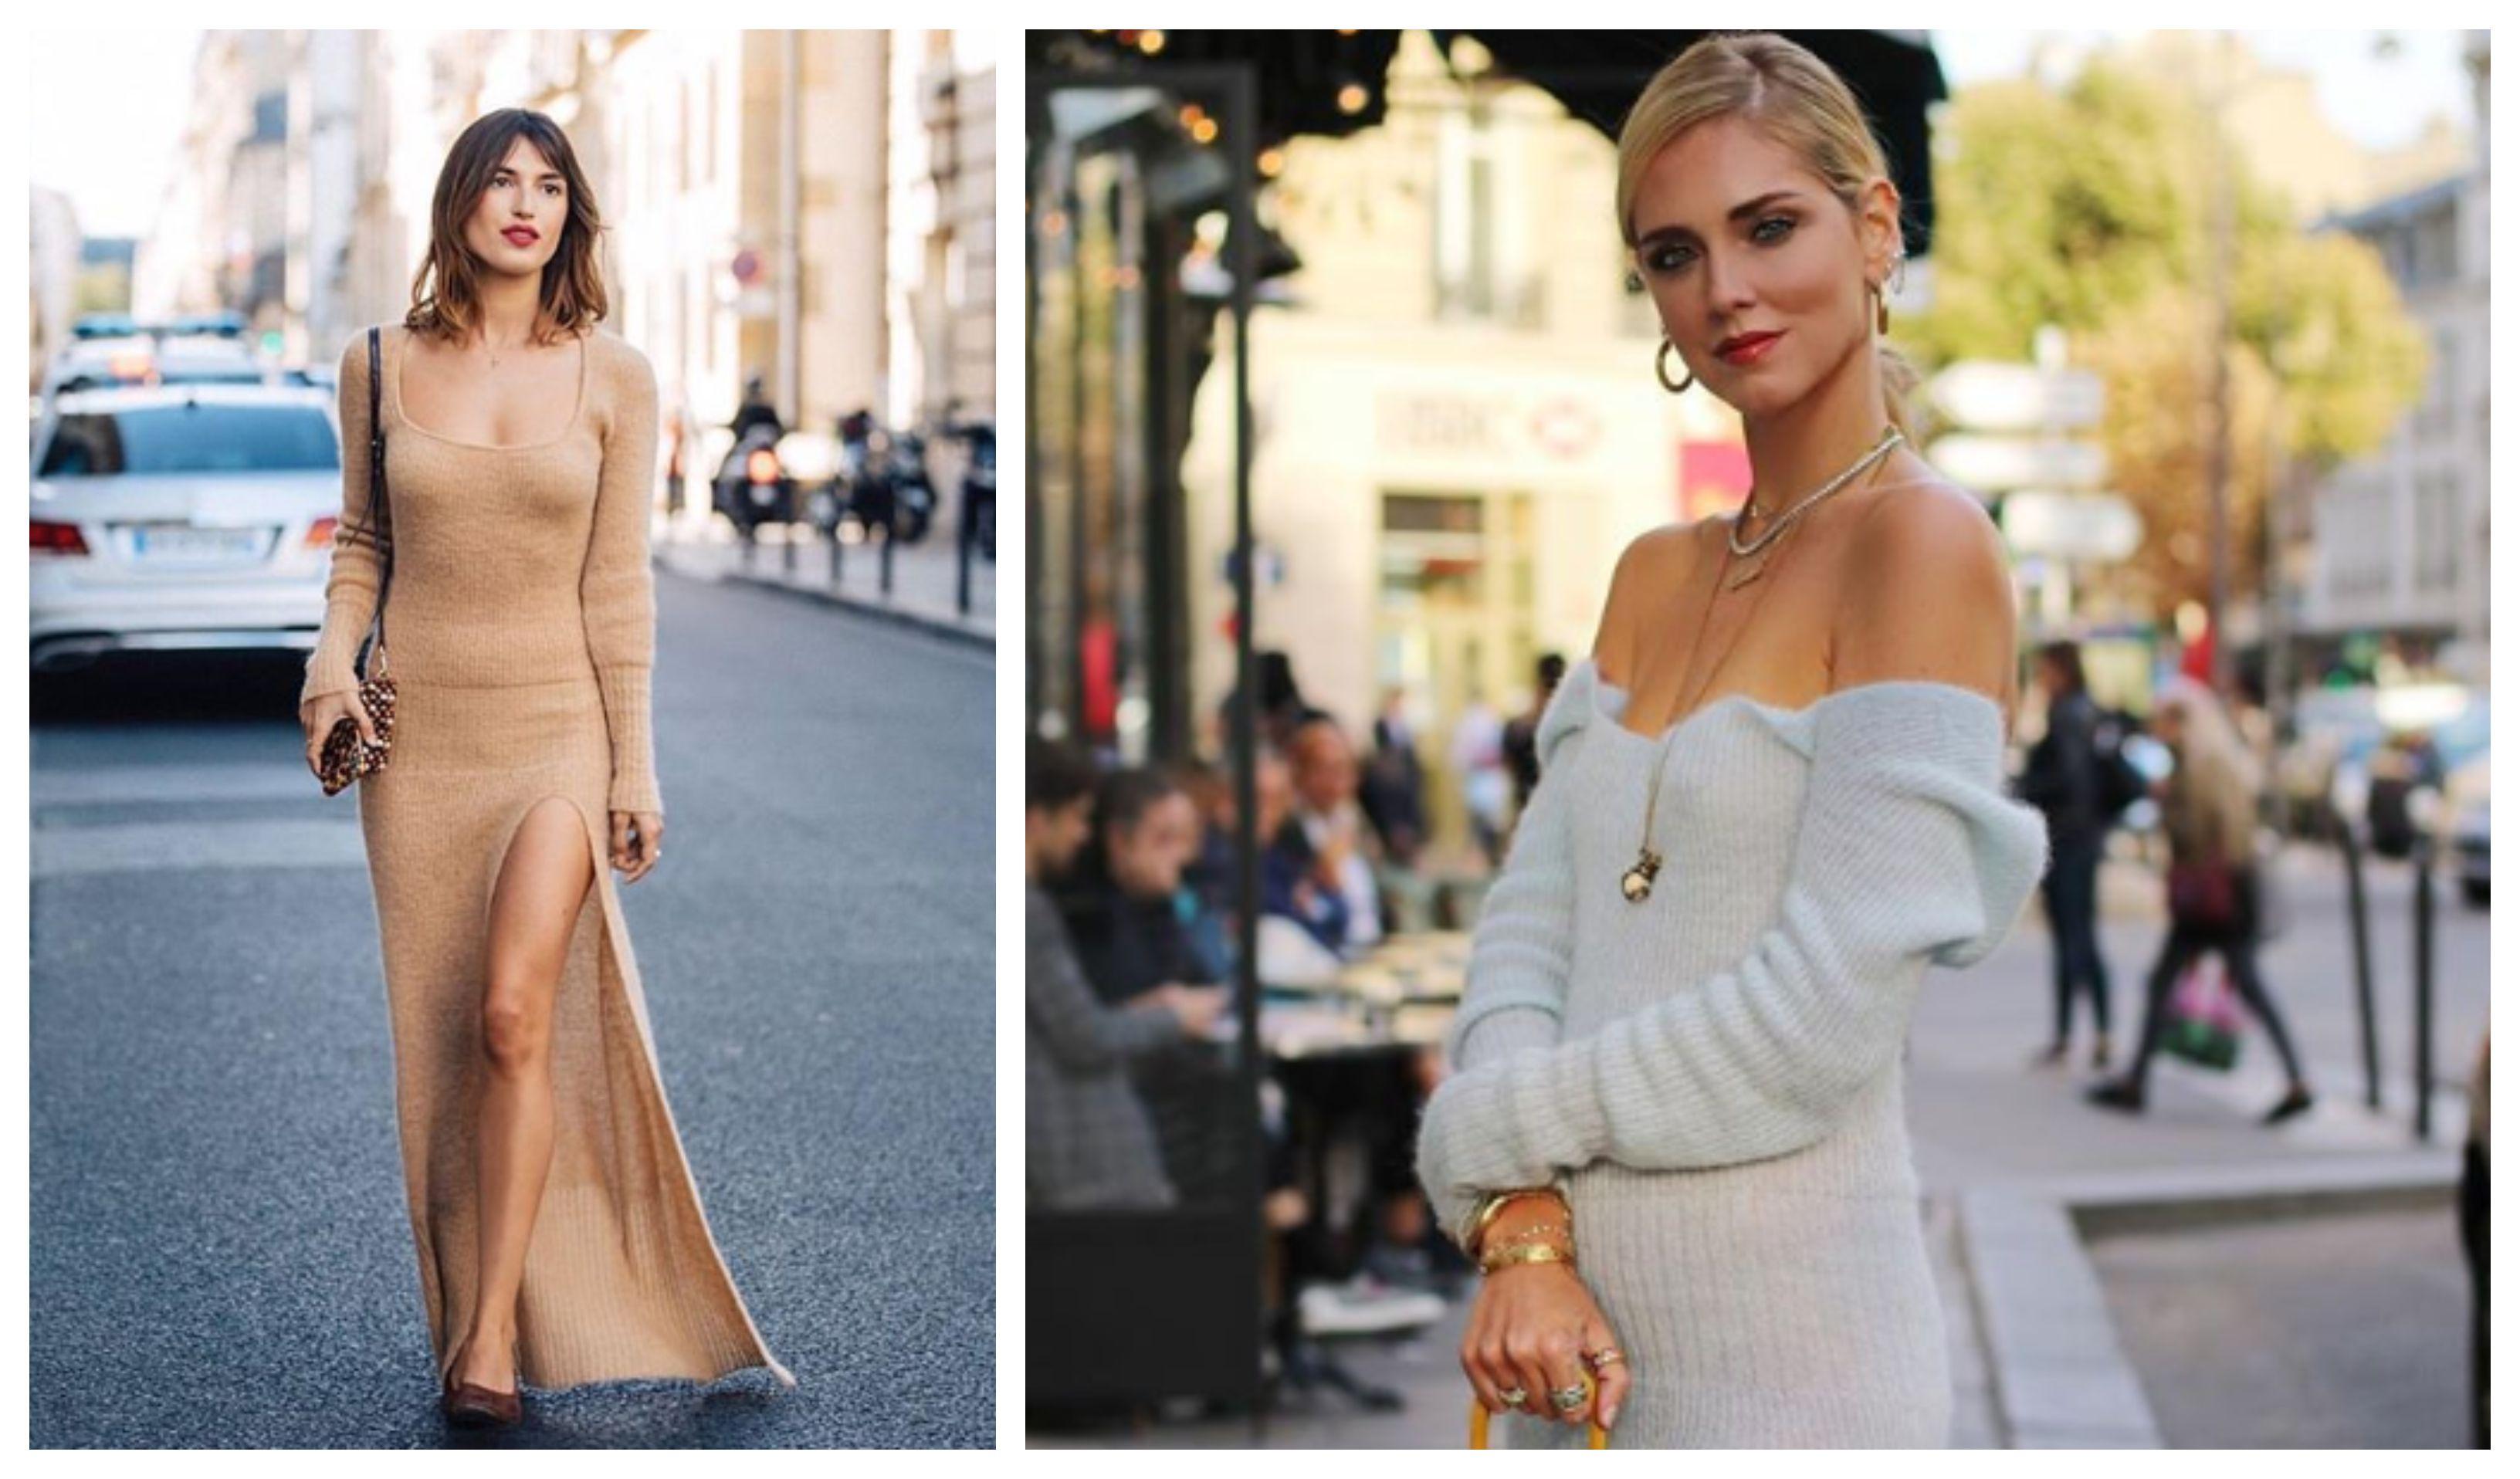 Hoće li ovo postati najpopularnija haljina sezone? Poznate blogerice već je obožavaju